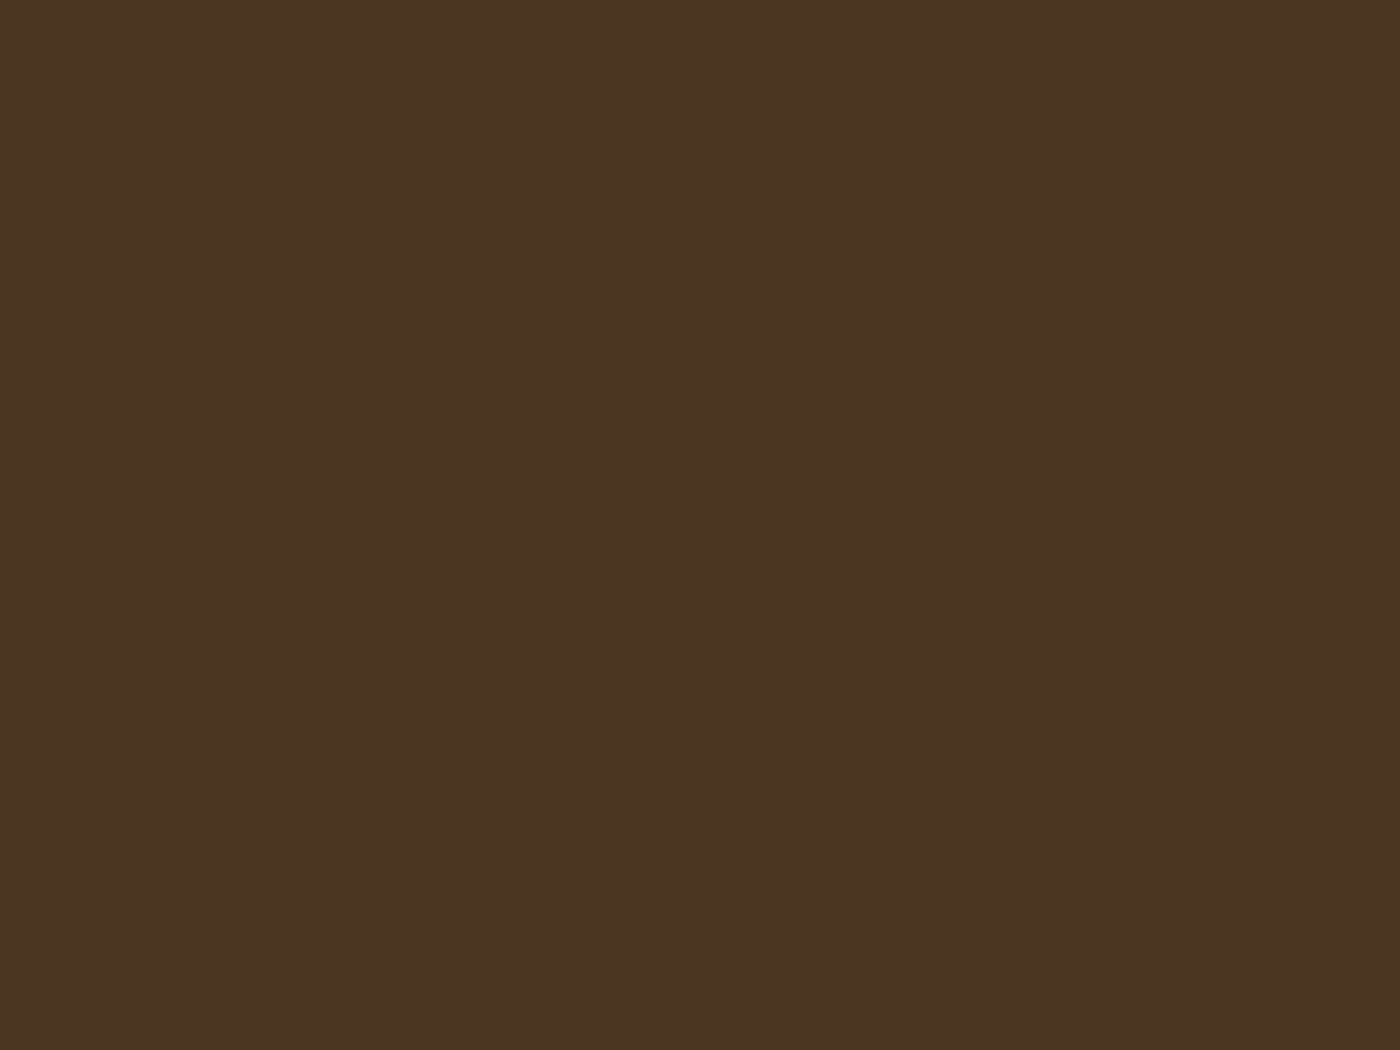 1400x1050 Cafe Noir Solid Color Background